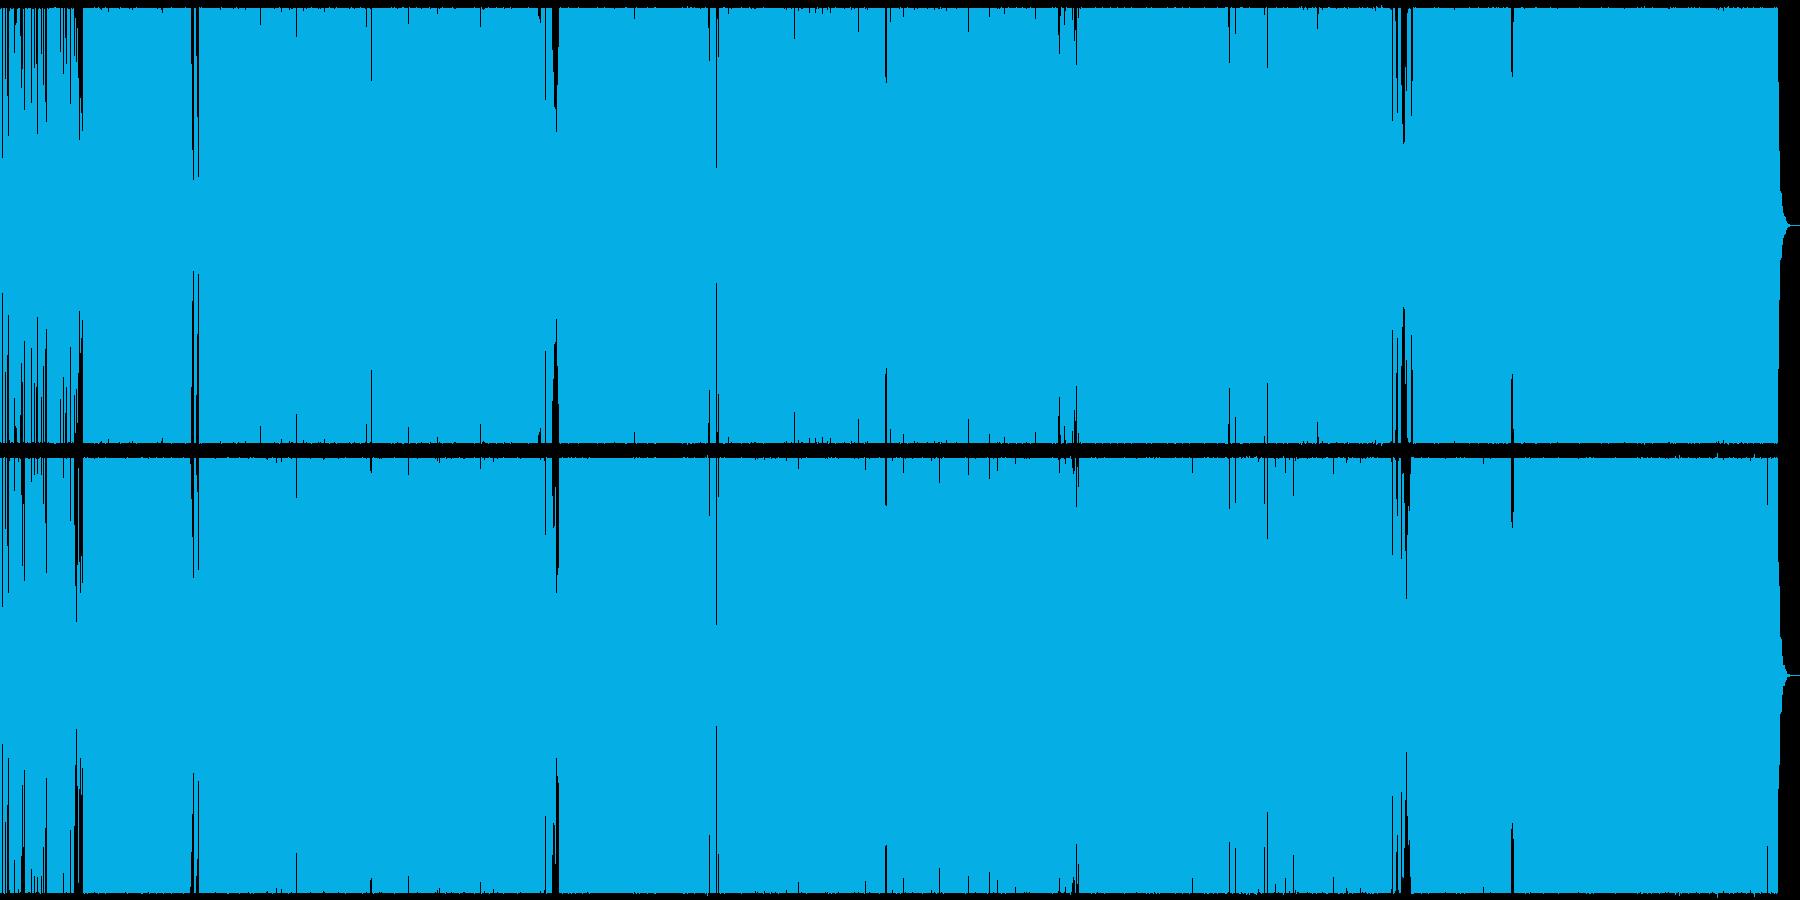 シックでダンサブルなハウス調ラップ曲の再生済みの波形